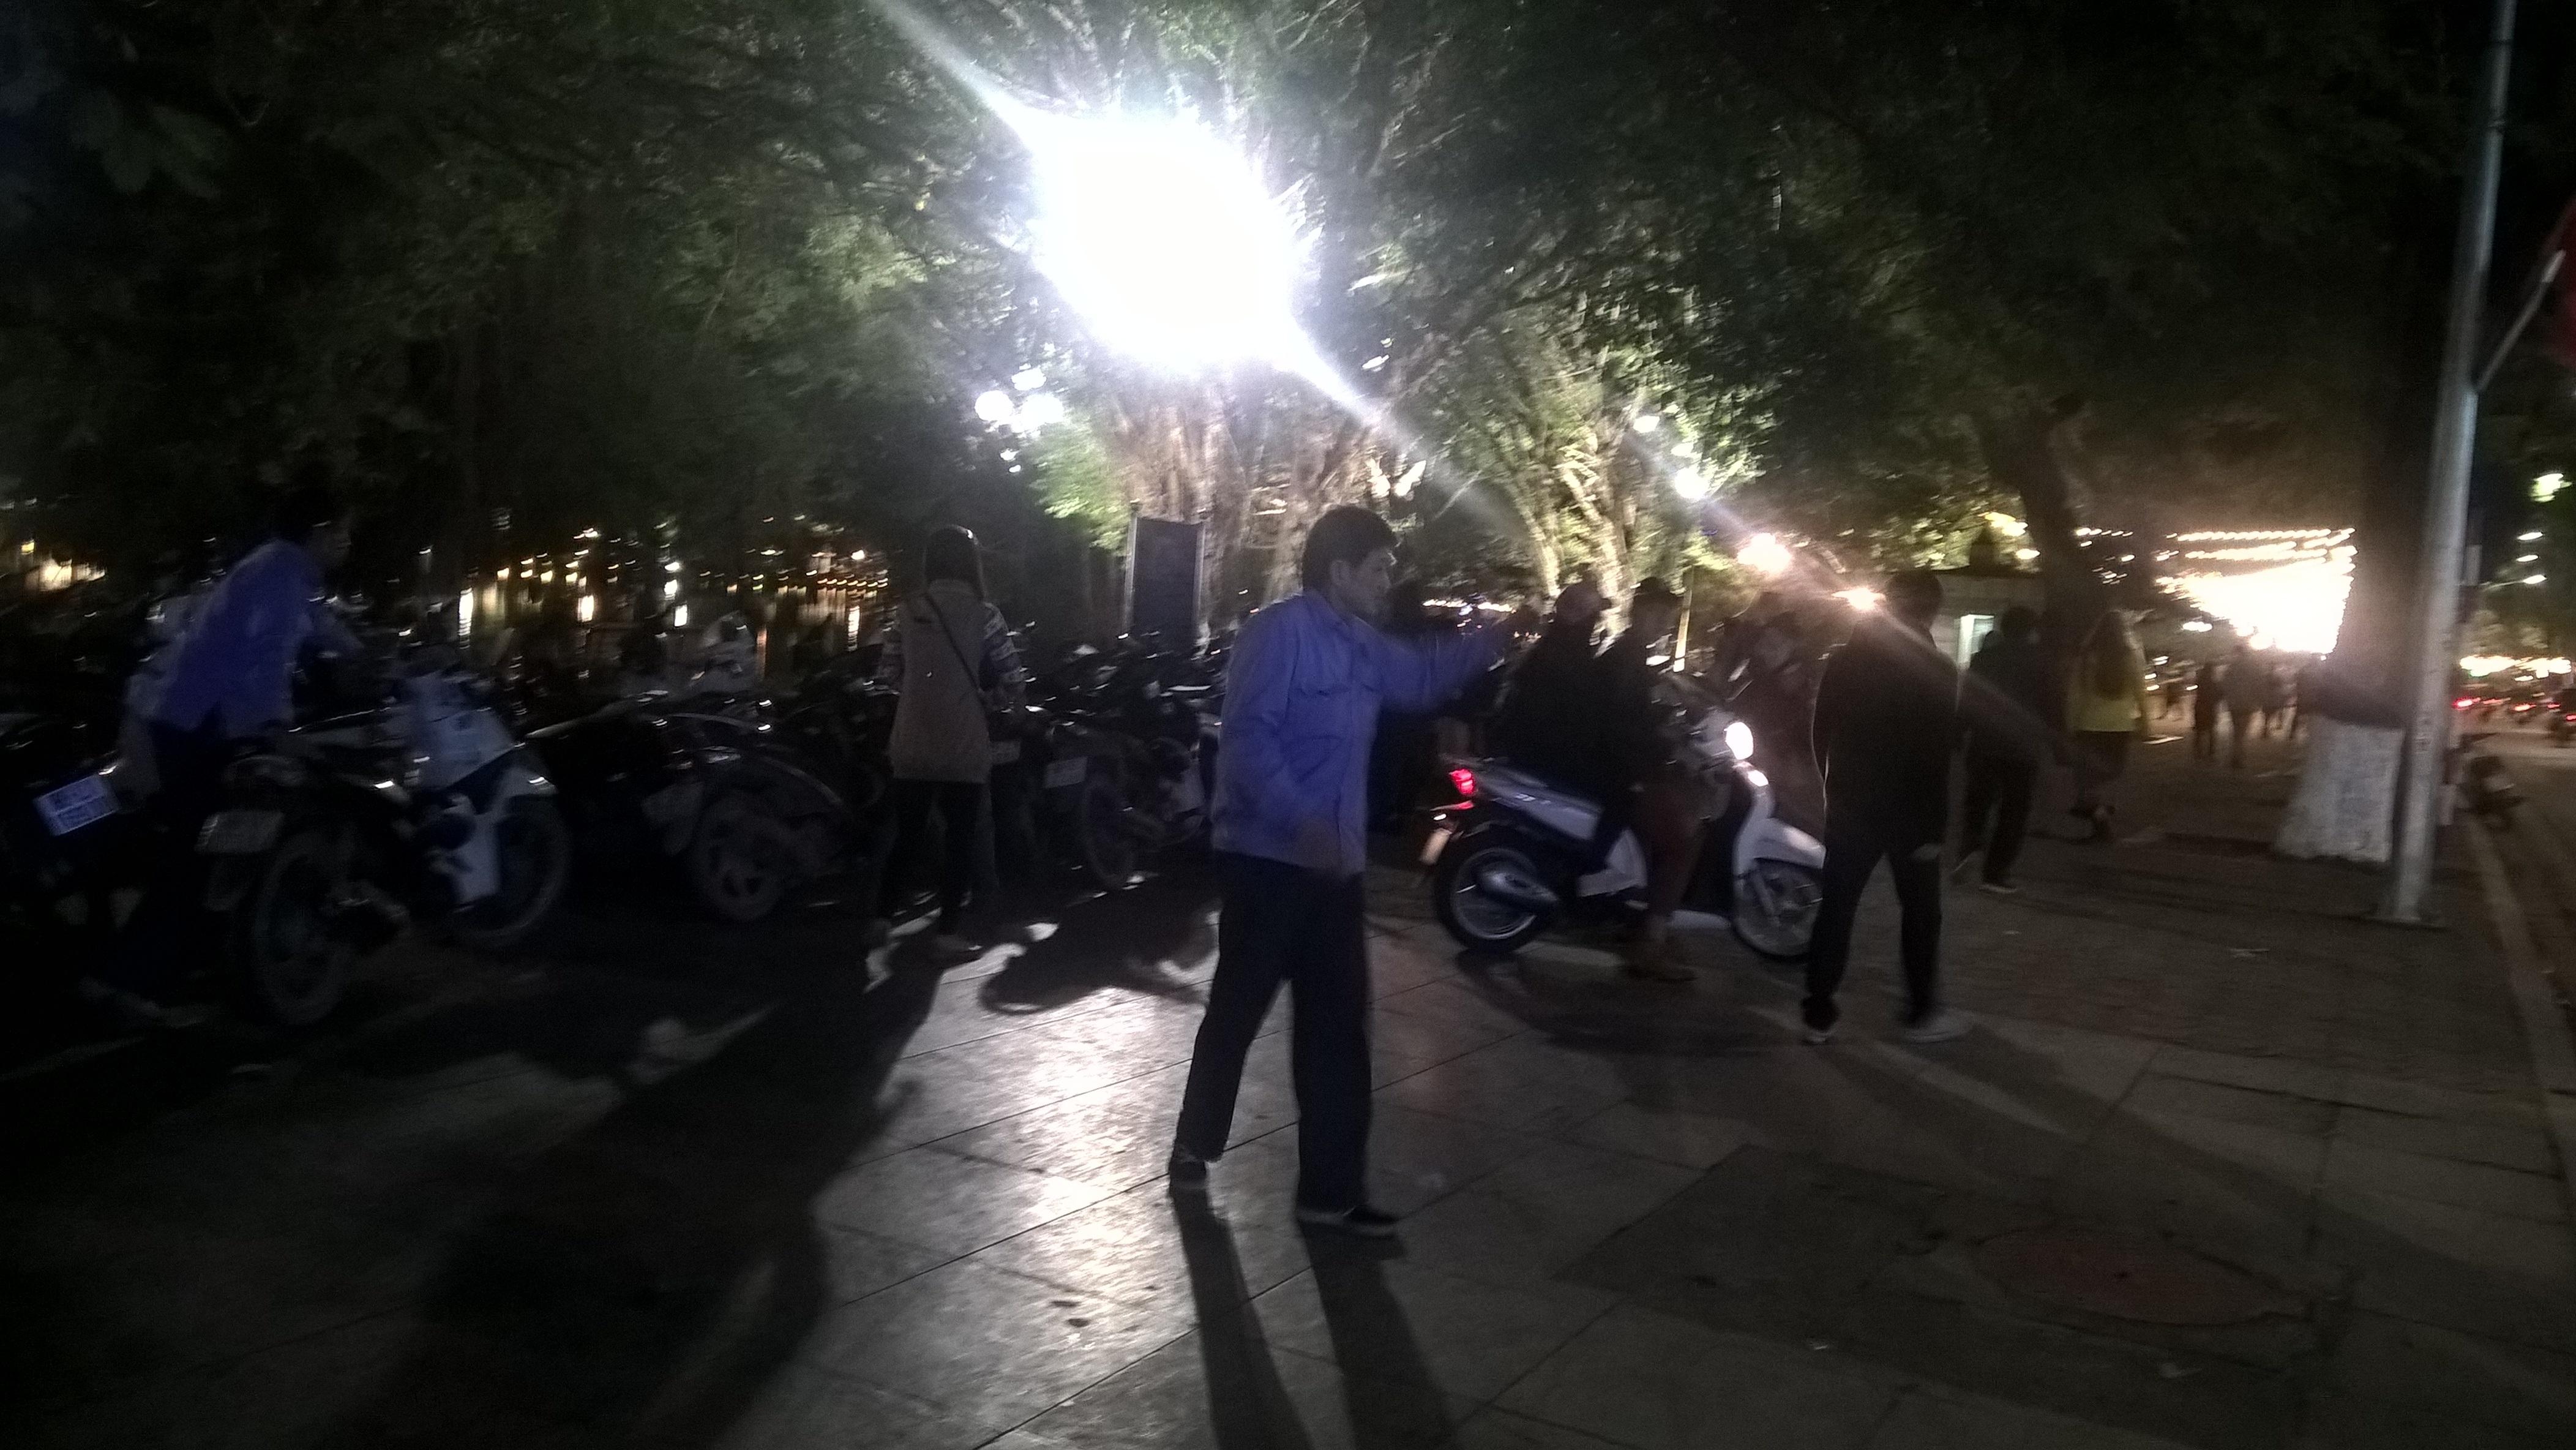 100.000 đồng/vé gửi xe máy dạo chơi bờ hồ tết dương lịch - 9